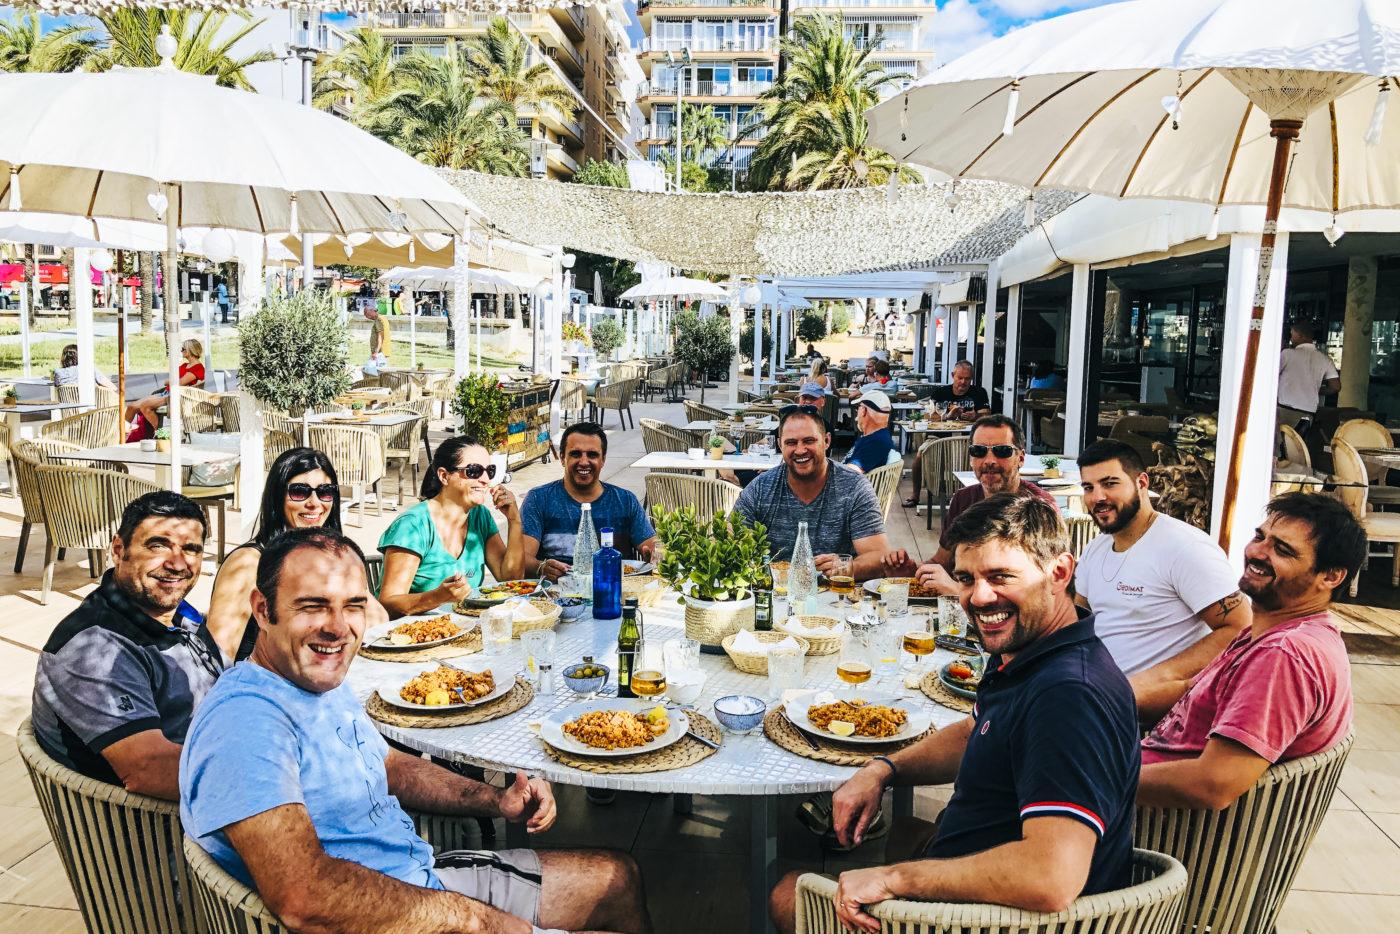 agence evenementielle receptive pays basque erronda seminaire team building incentive event baléares Majorque Mallorca réunion quad gastronomie